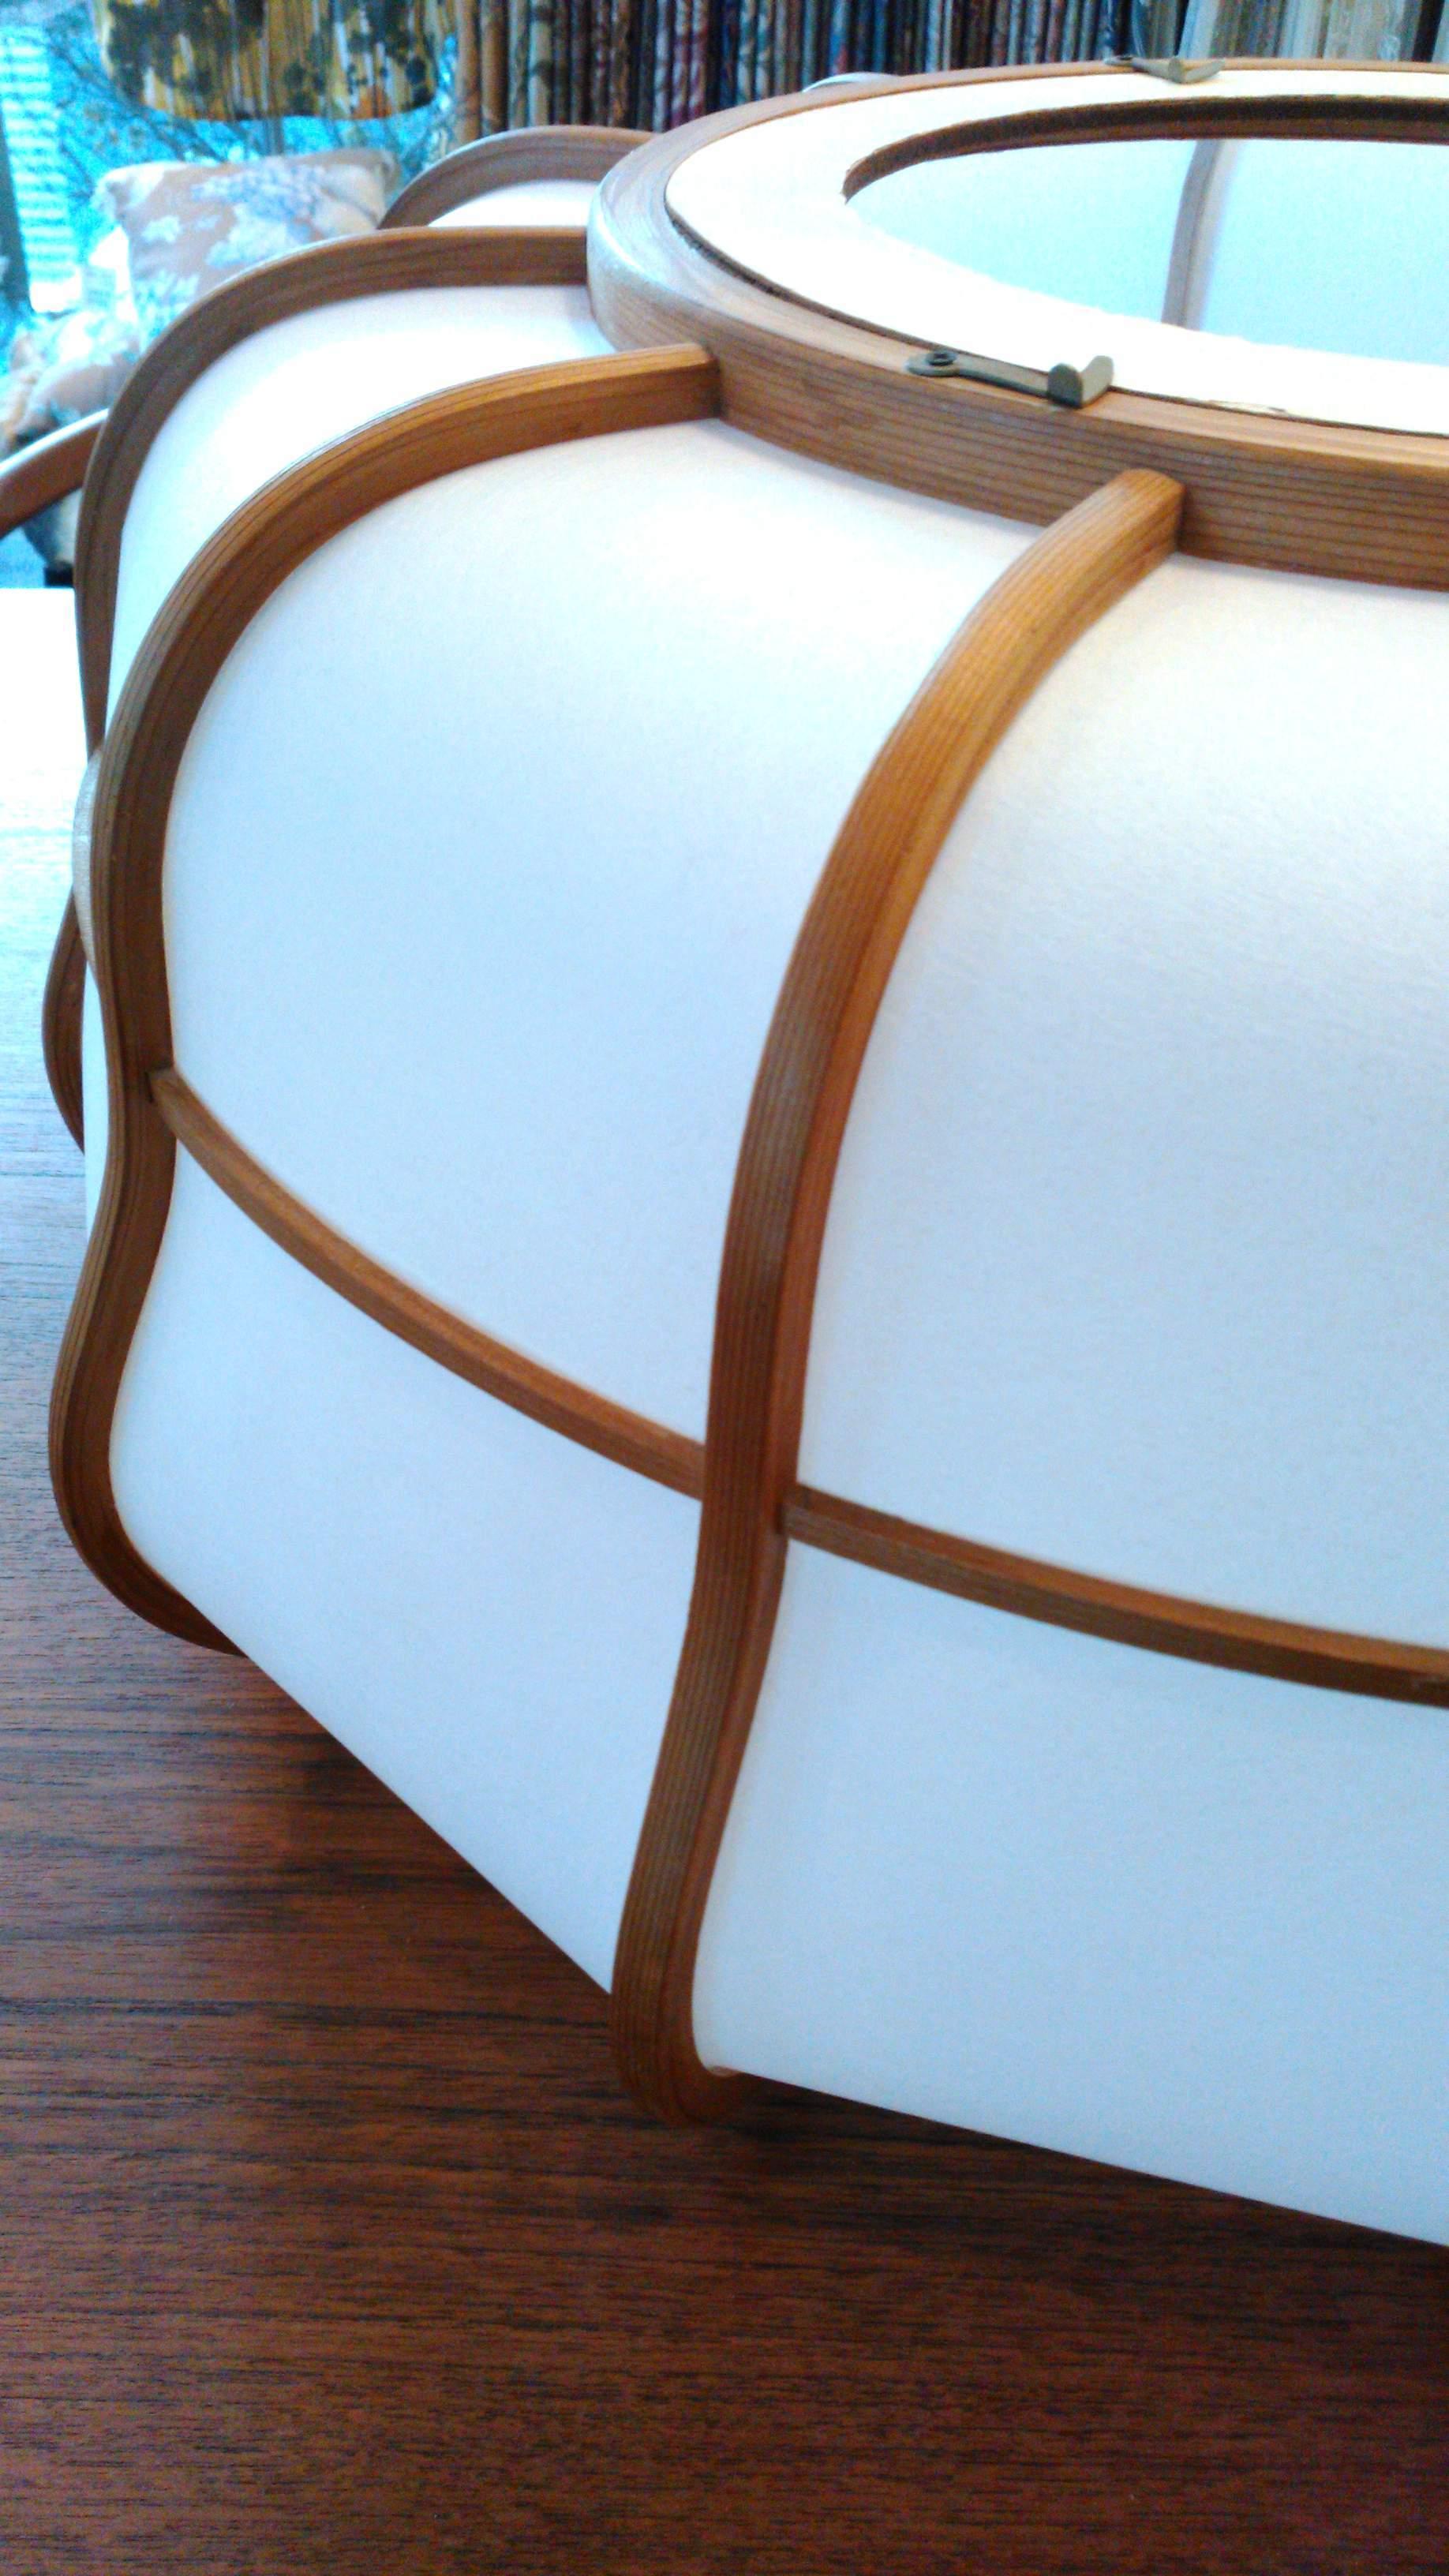 和紙の笠を張替える_c0157866_21311892.jpg